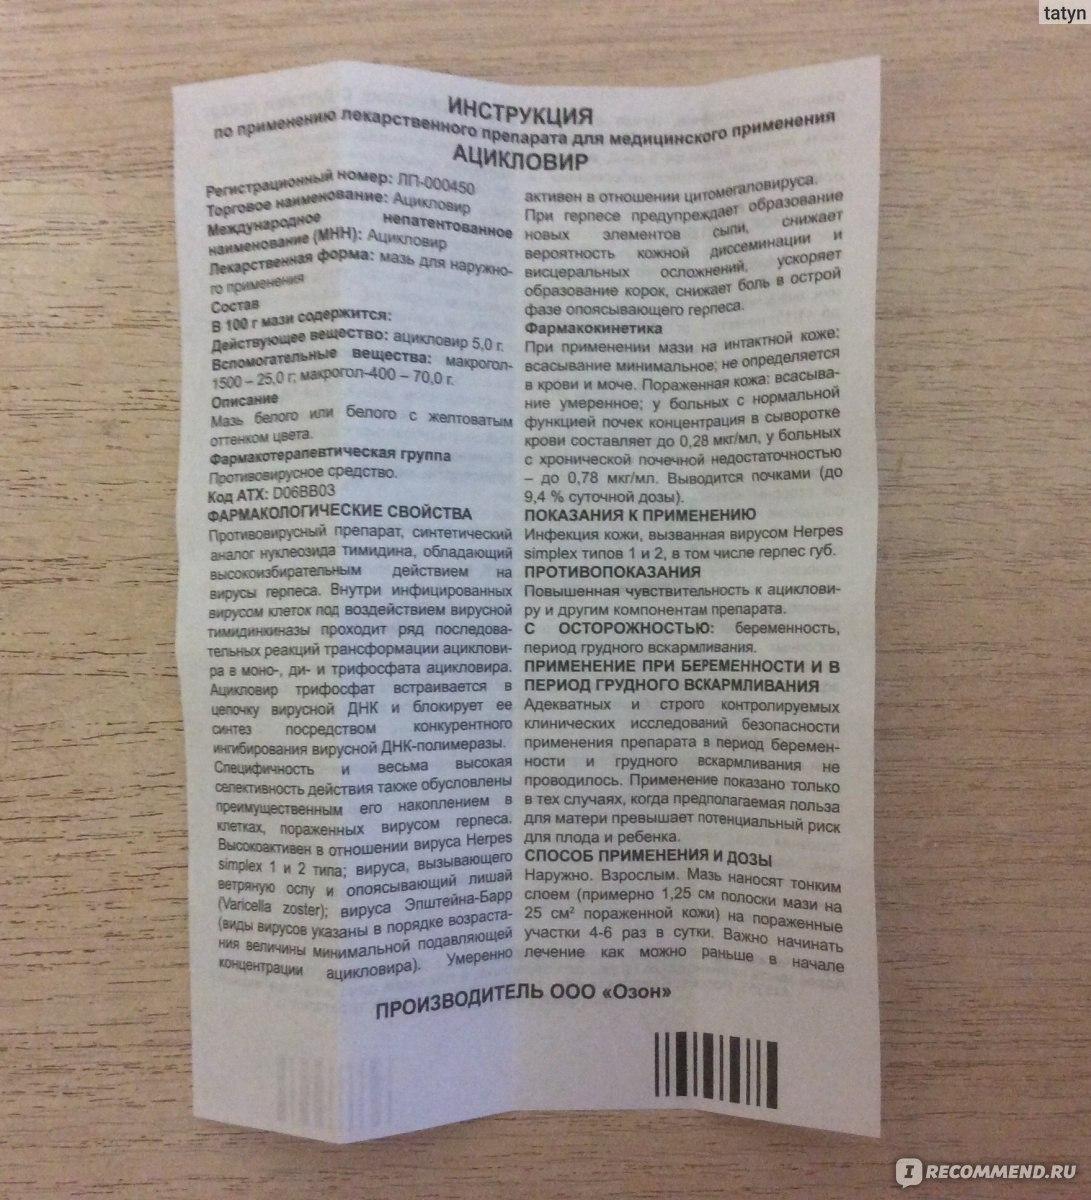 Список таблеток против герпеса — какие и в каких случаях выписывают врачи